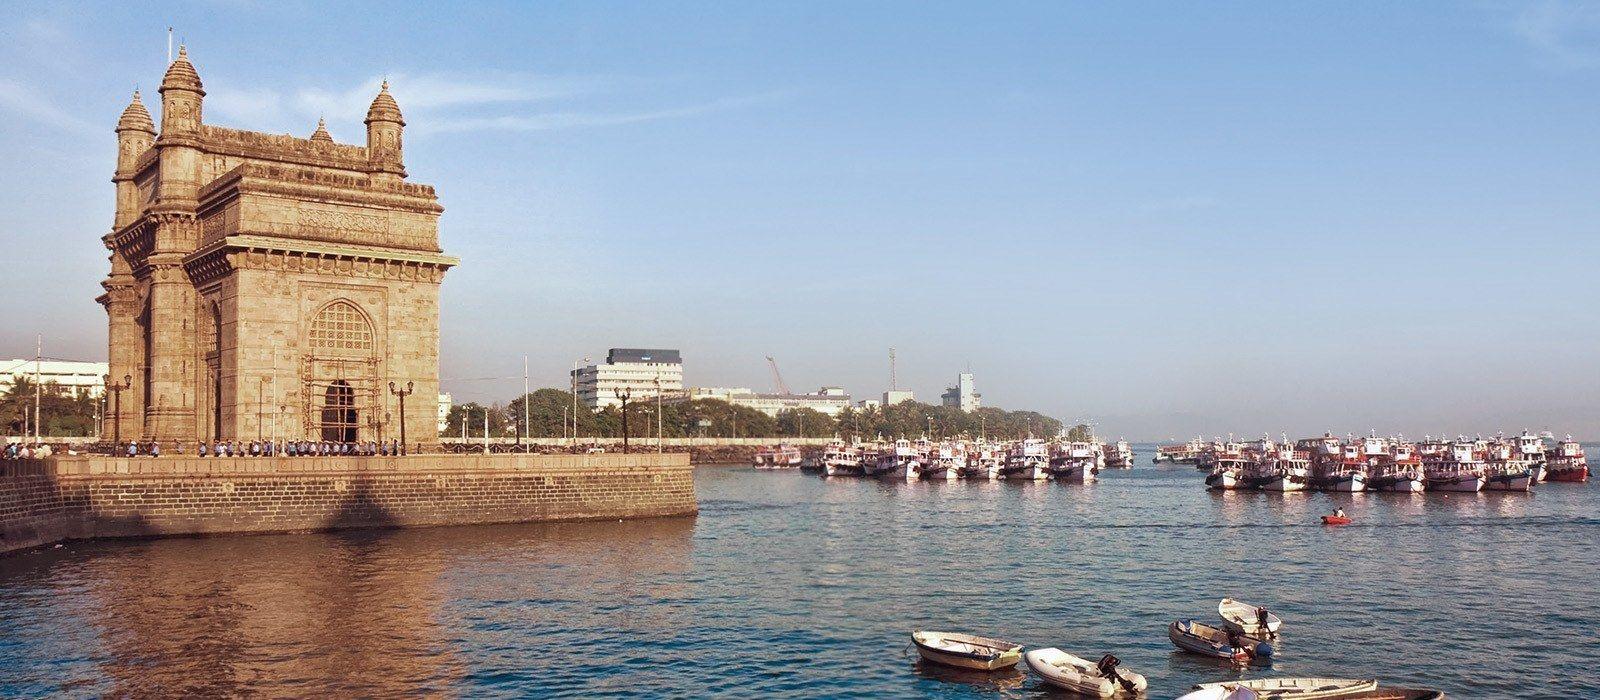 Destination Mumbai Central & West India